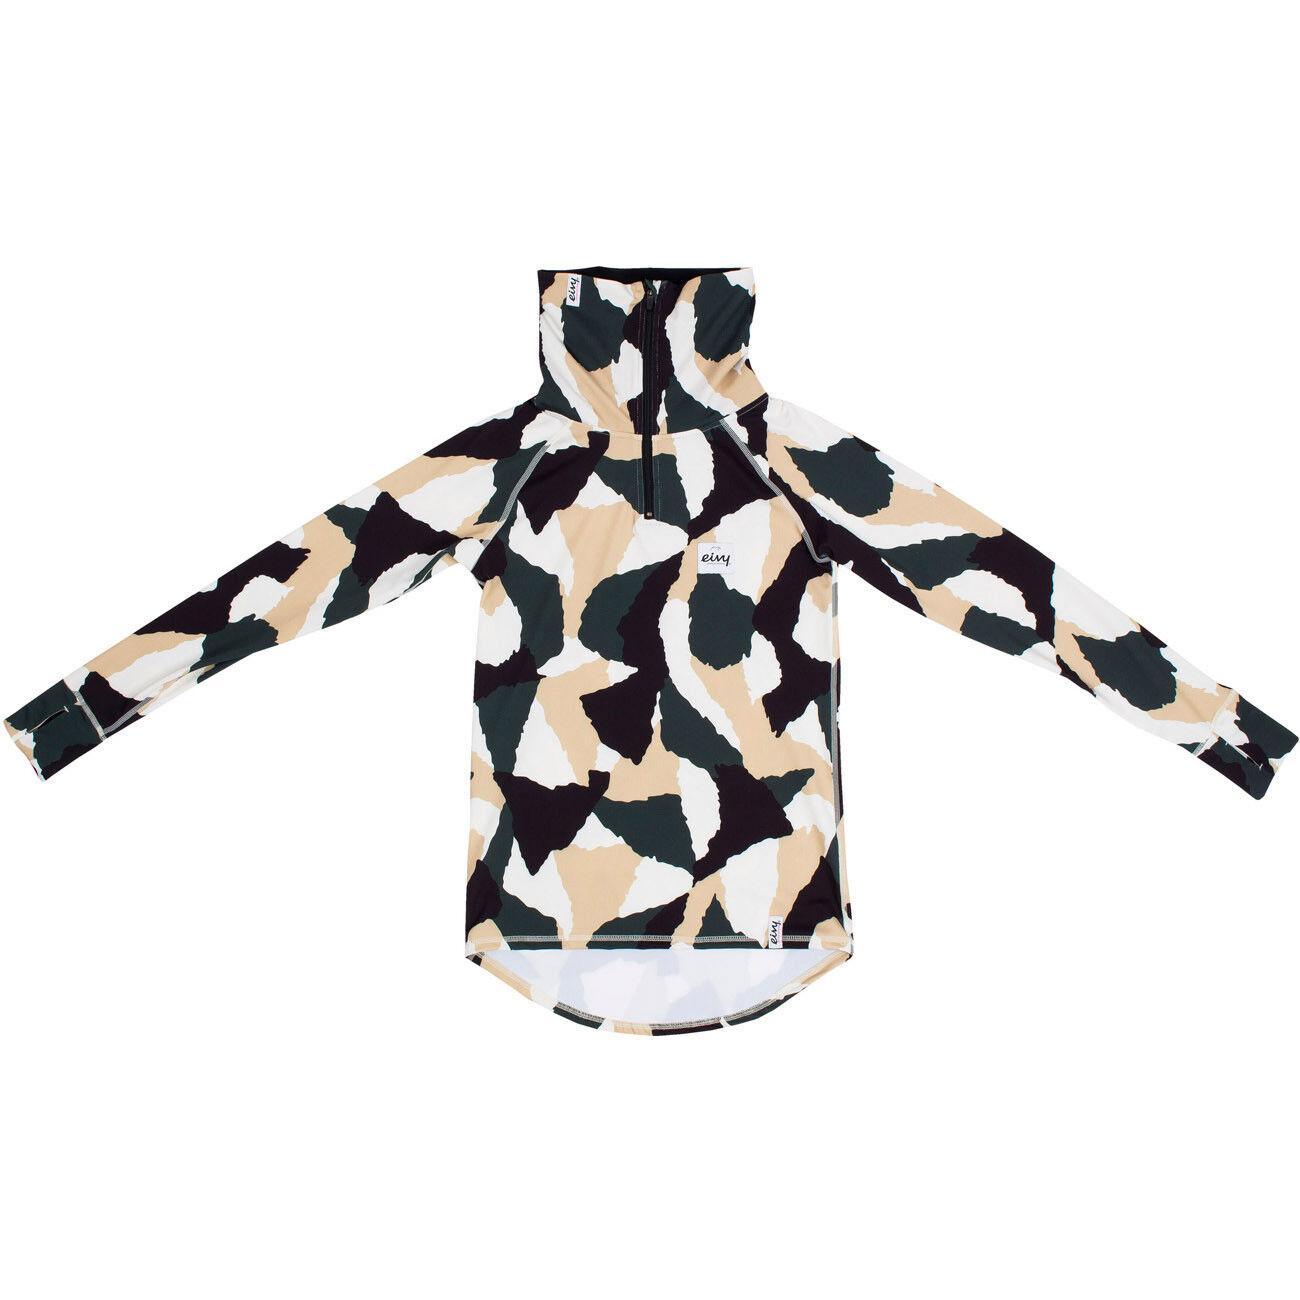 Eivy Damen Funktionsunterwäsche Icecold Icecold Icecold Winter Zip Top´19 2d5994